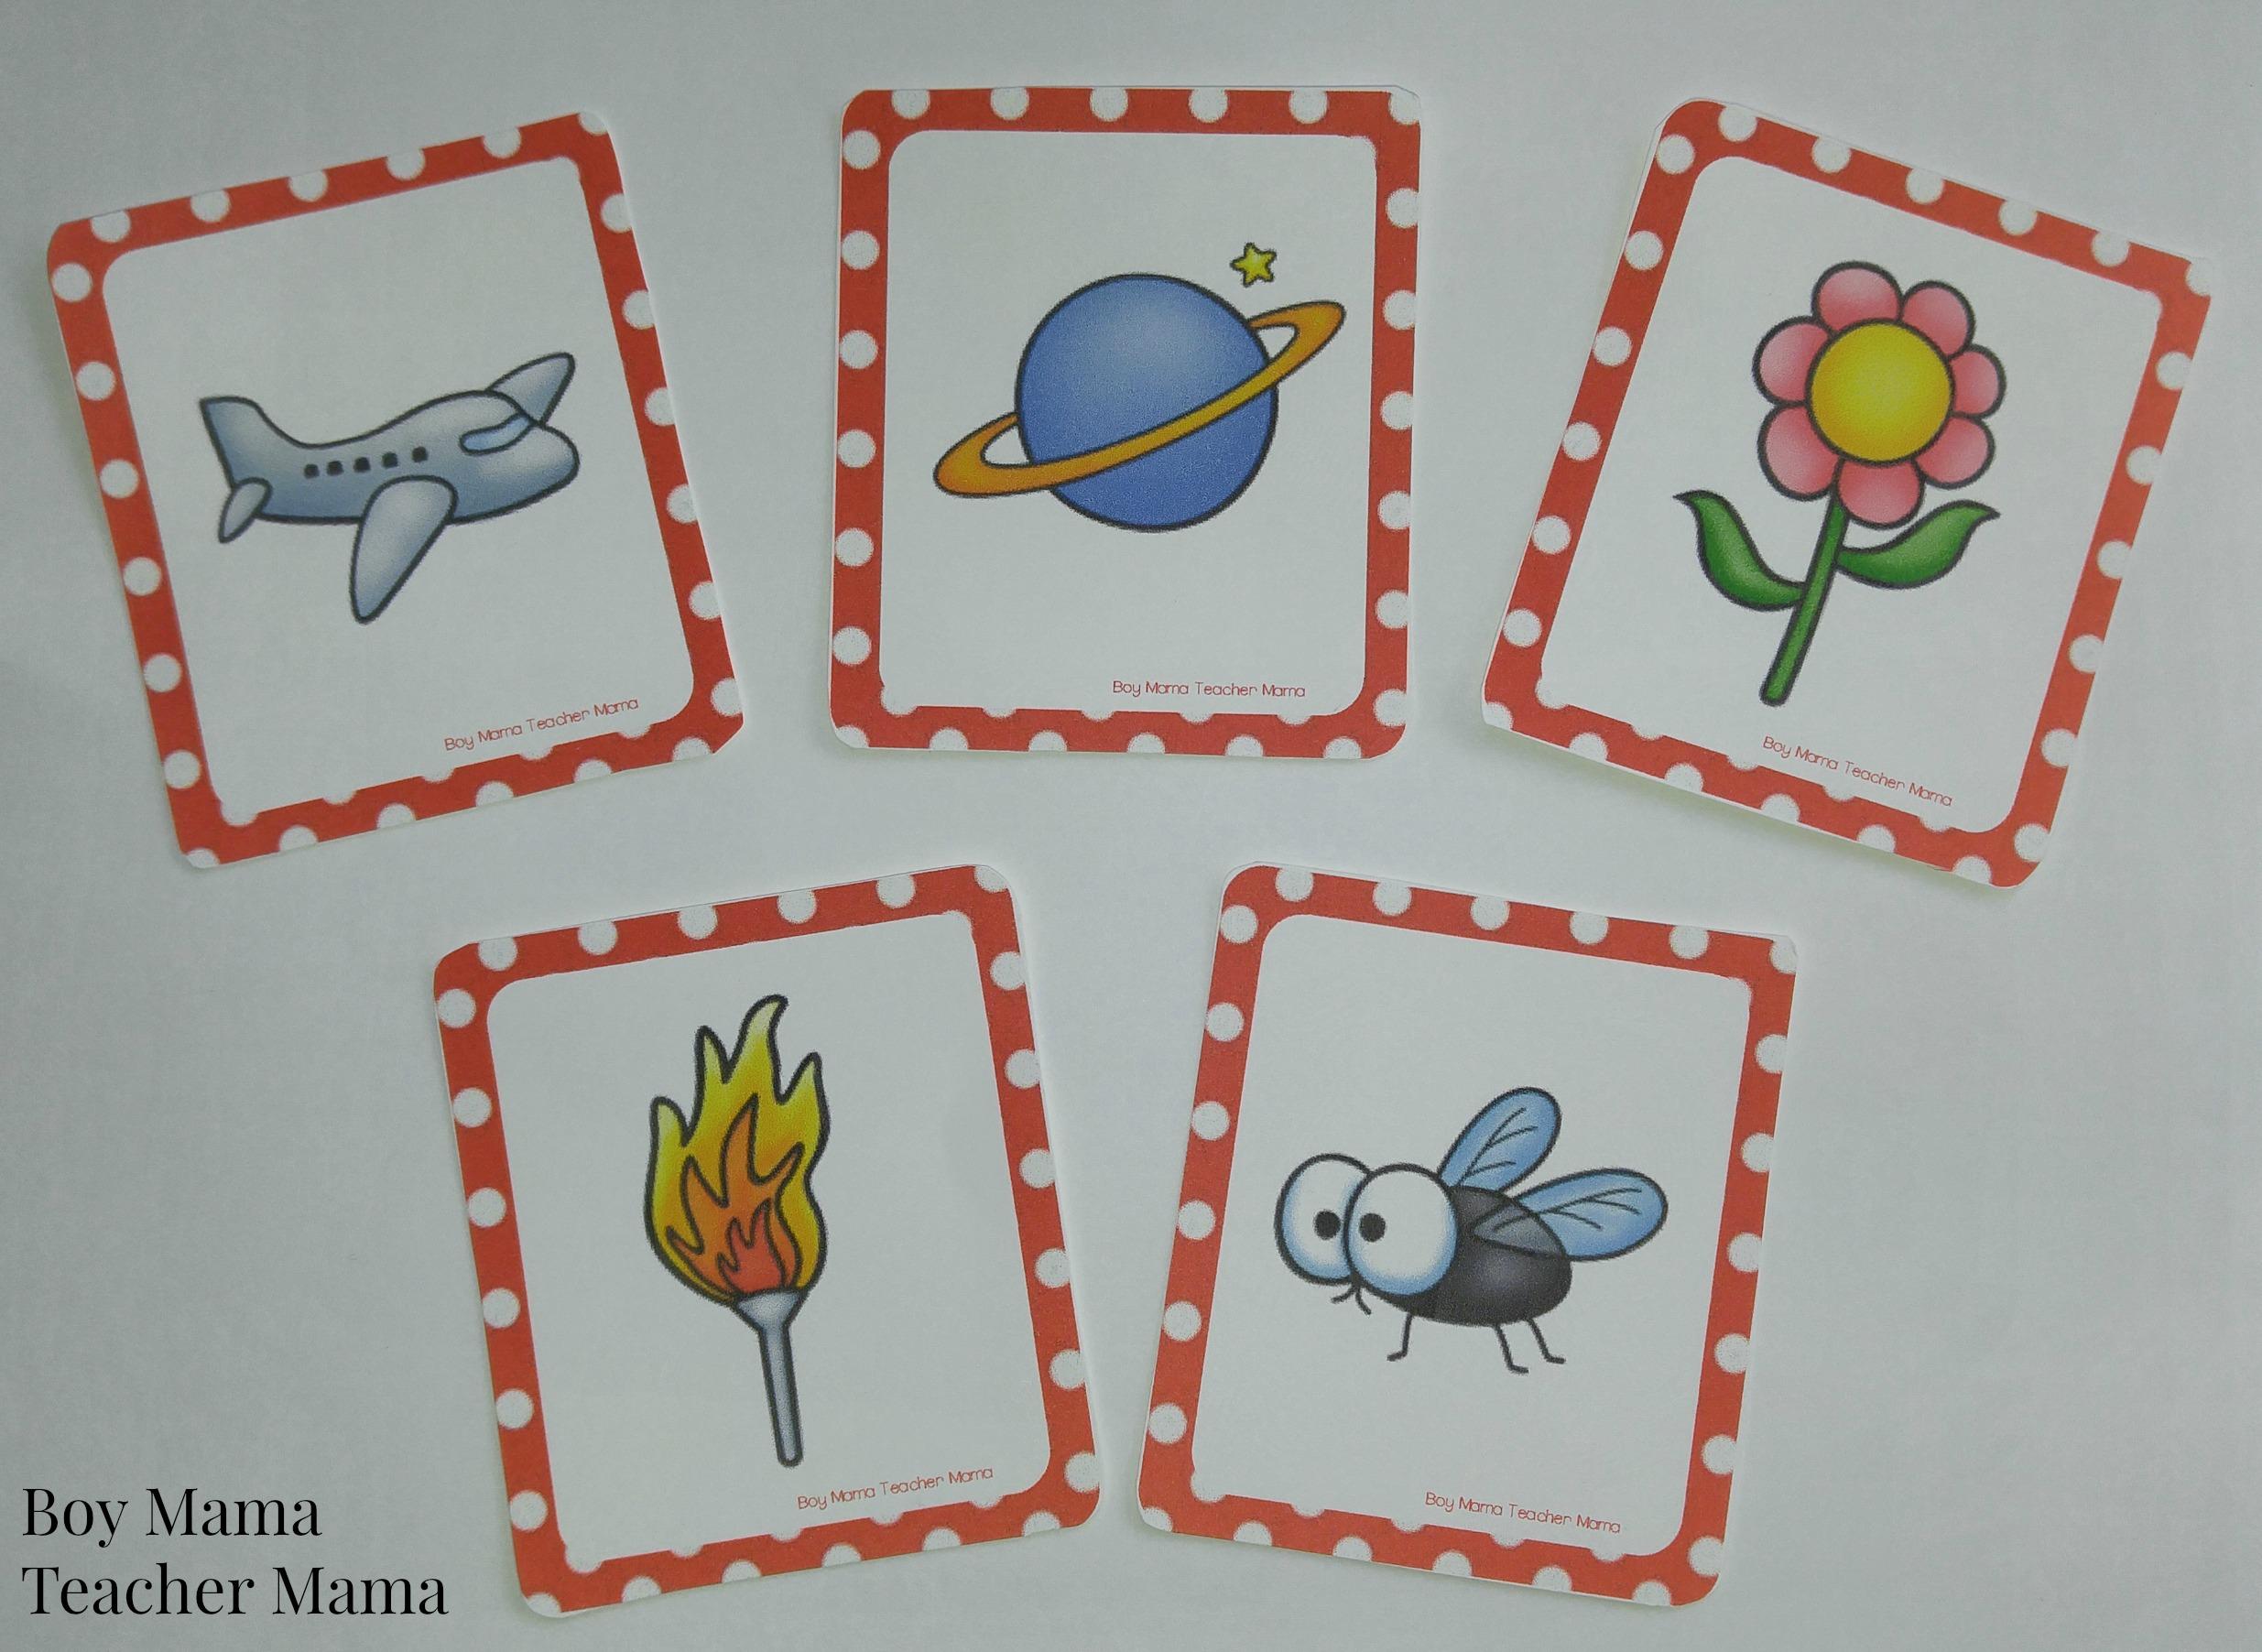 boy-mama-teacher-mama-l-blends-board-game-4